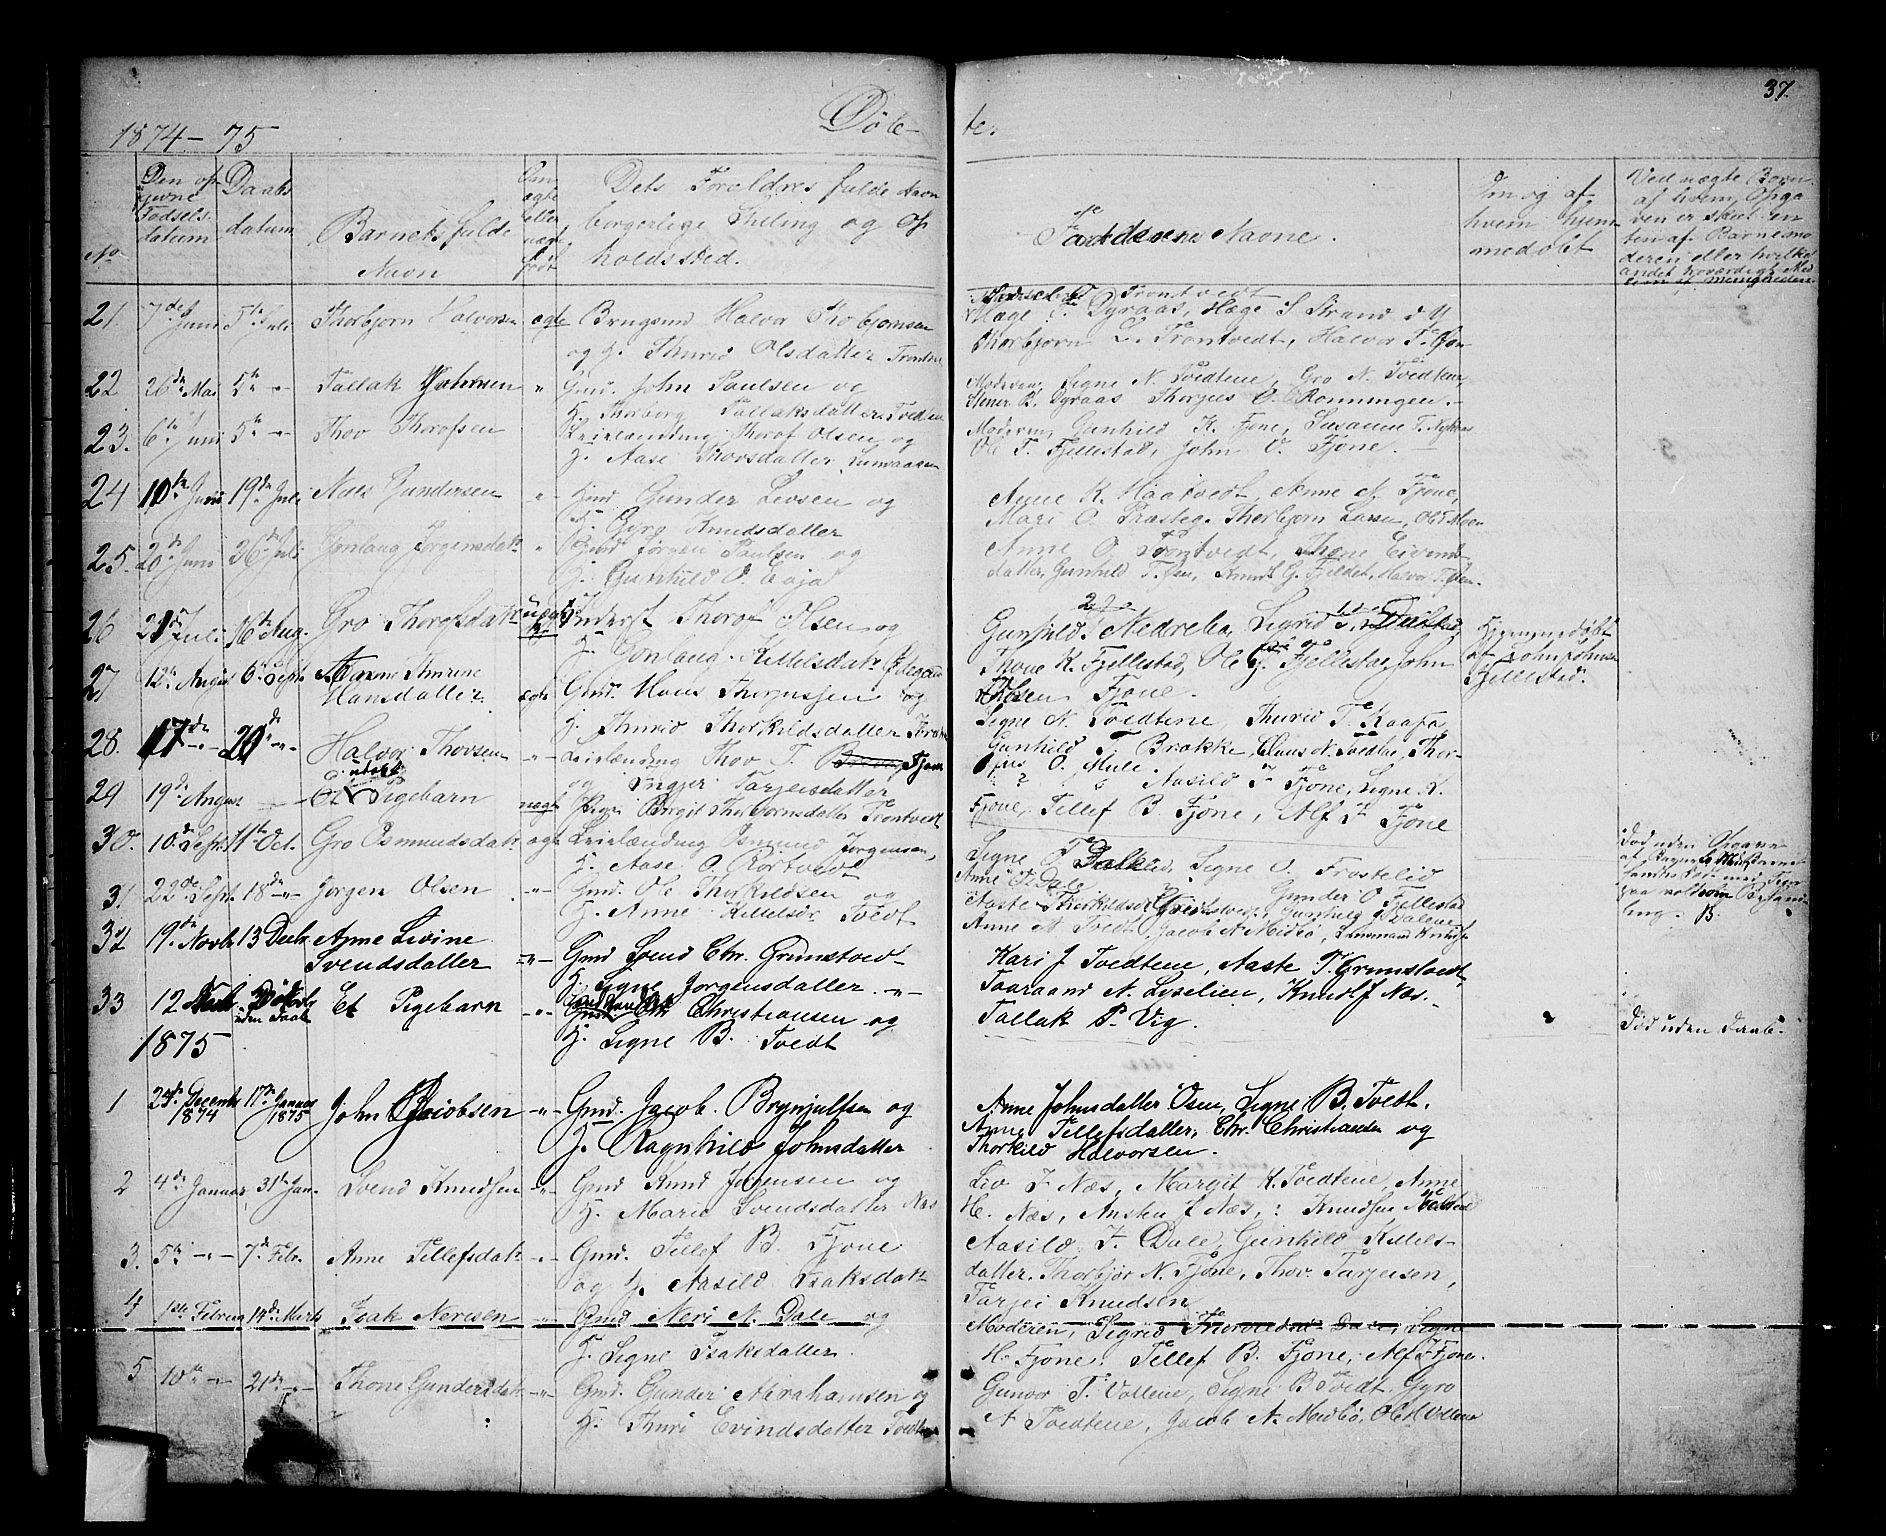 SAKO, Nissedal kirkebøker, G/Ga/L0002: Klokkerbok nr. I 2, 1861-1887, s. 37